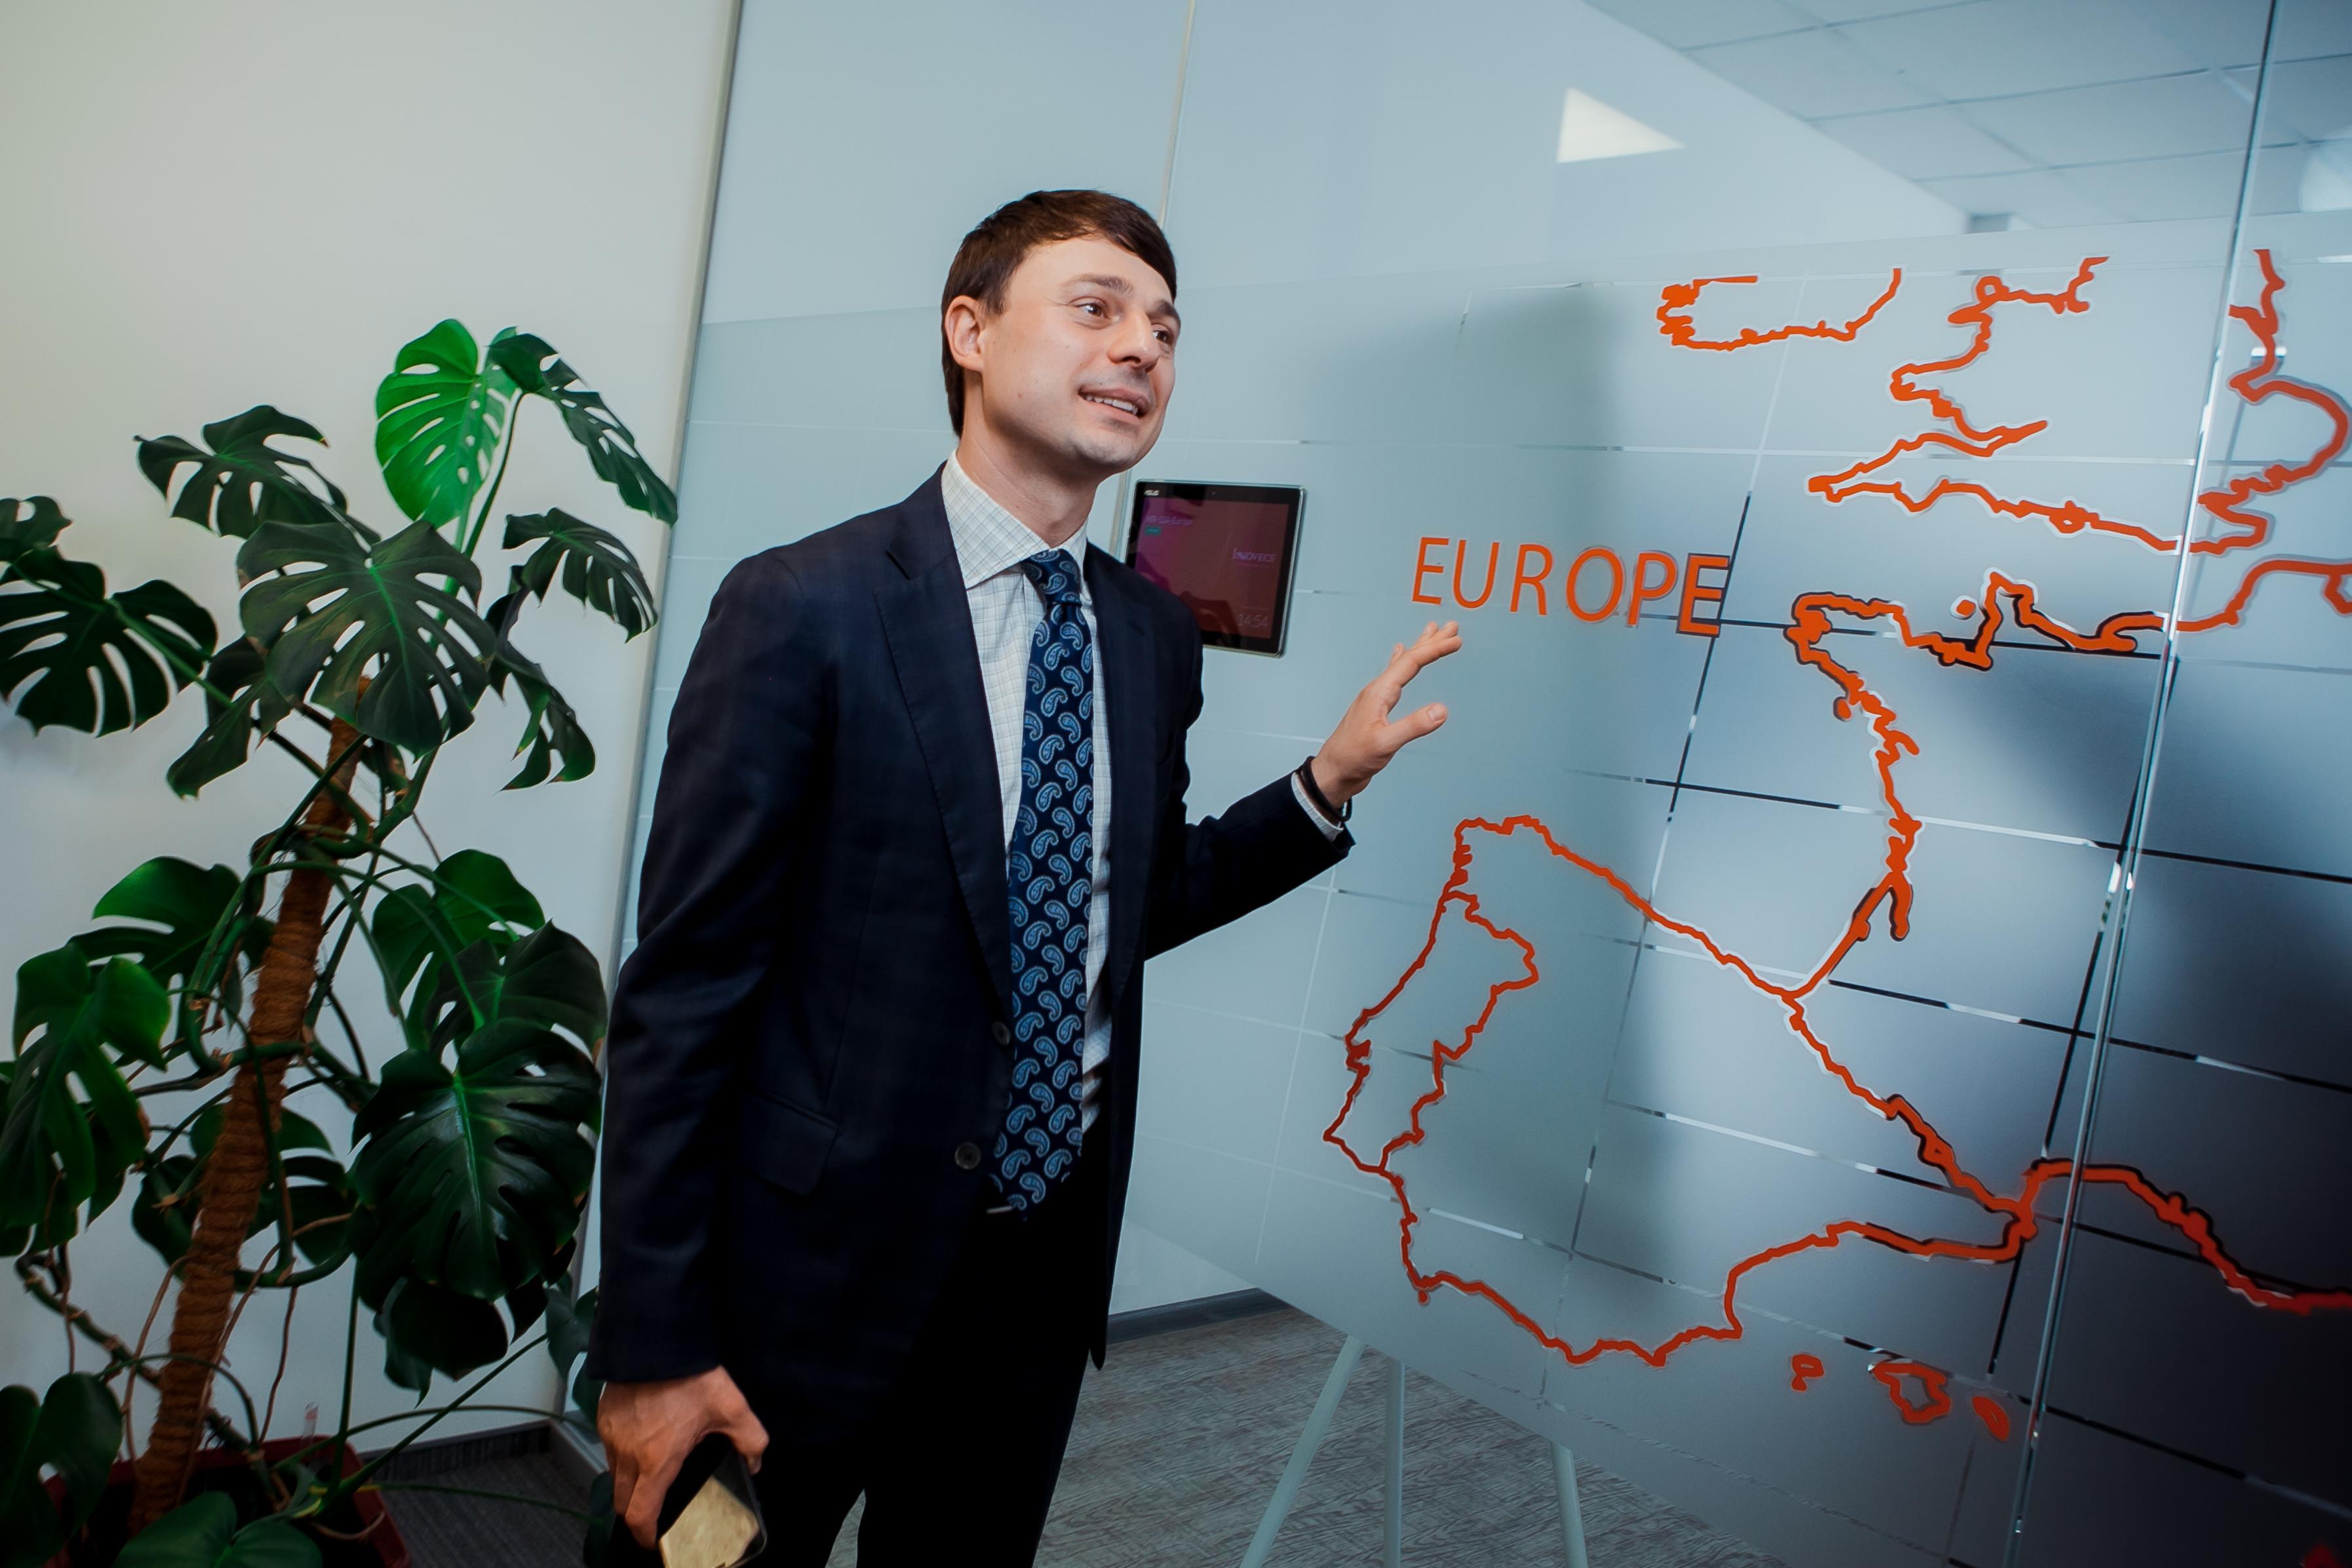 Як реалізувати успішне будівництво спортивної інфраструктури в Україні